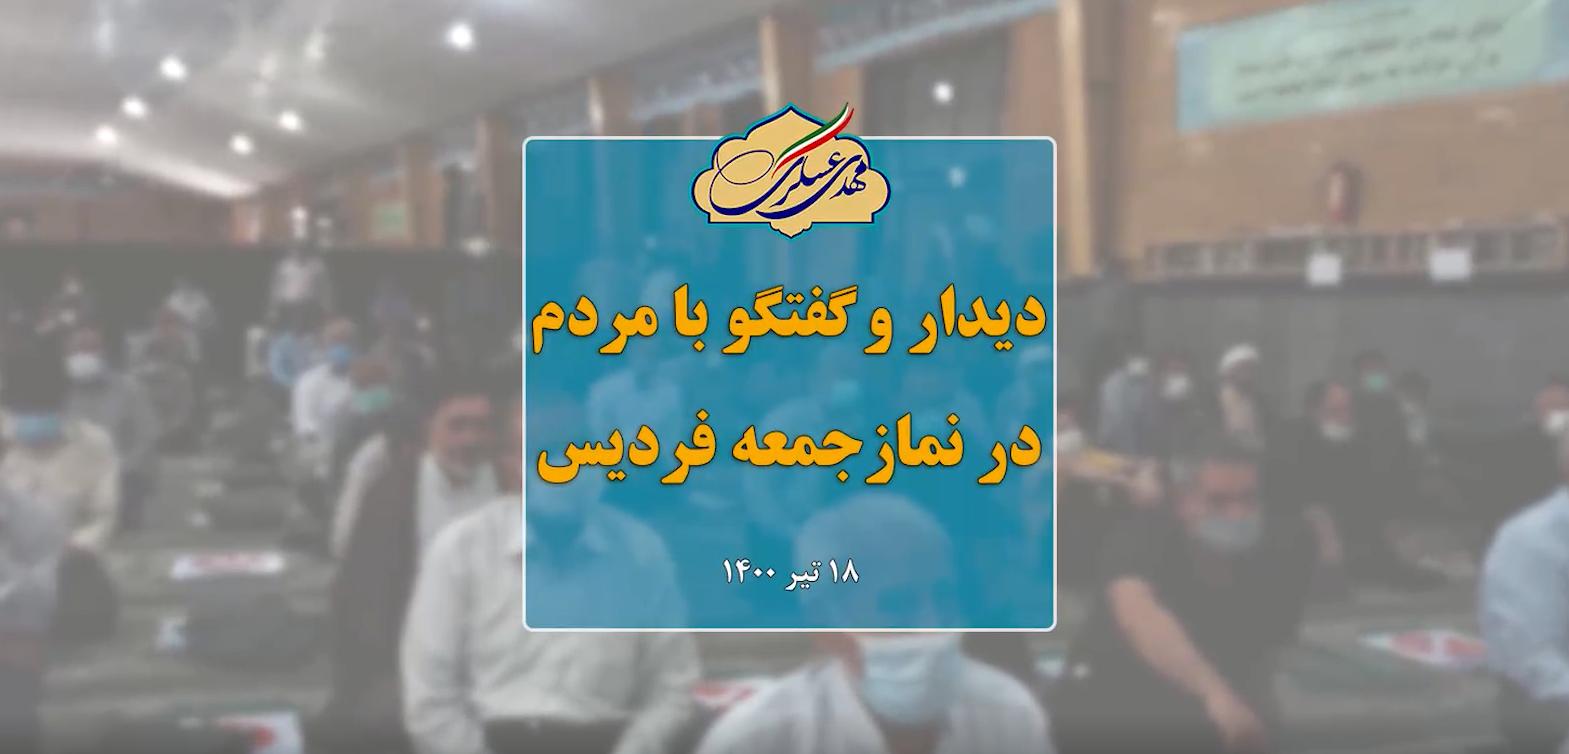 دیدار و گفتگو با مردم در نمازجمعه فردیس